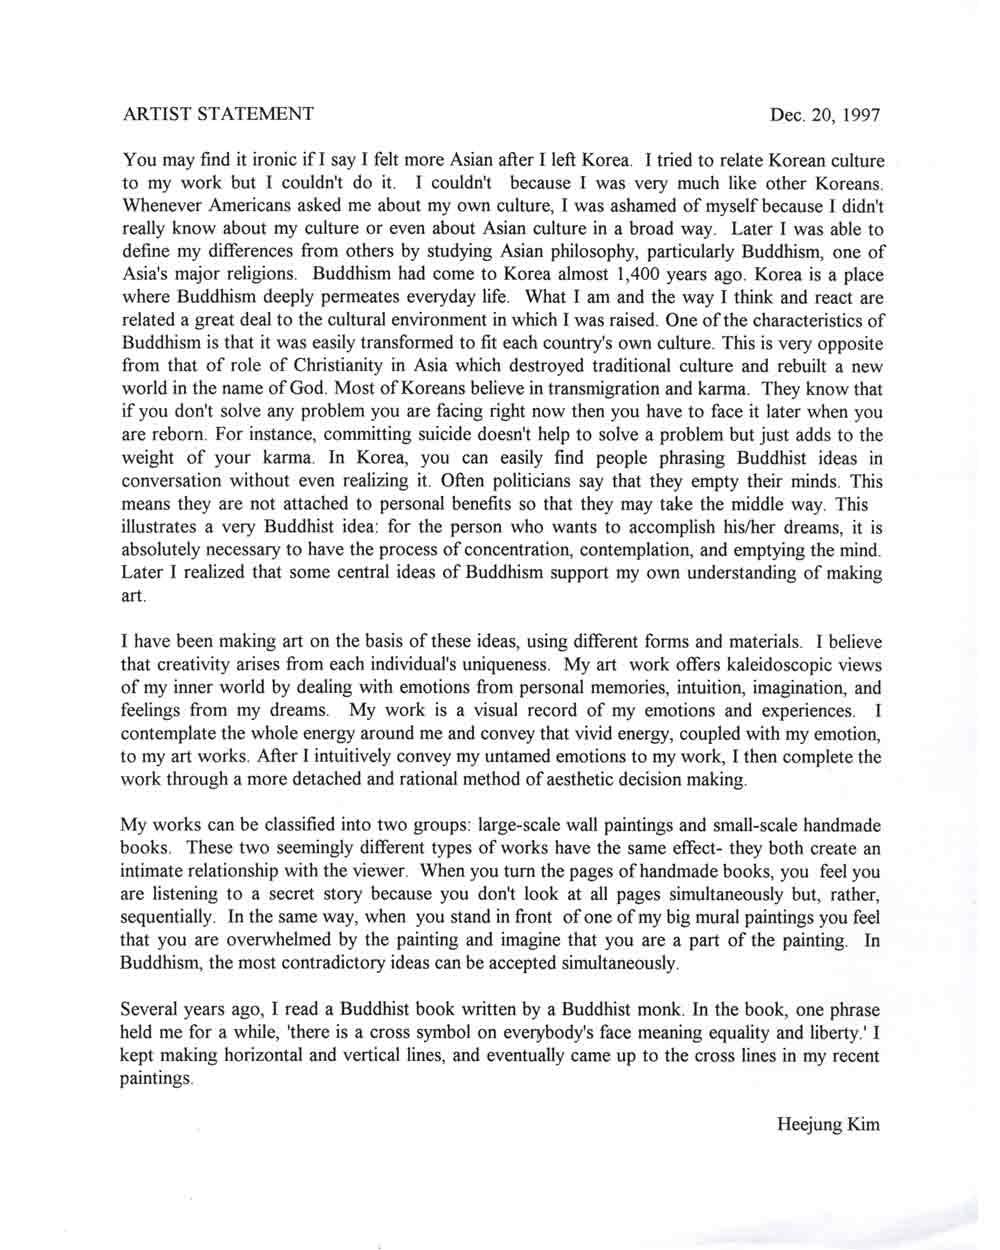 Heejung Kim's Artist Statement, 1997